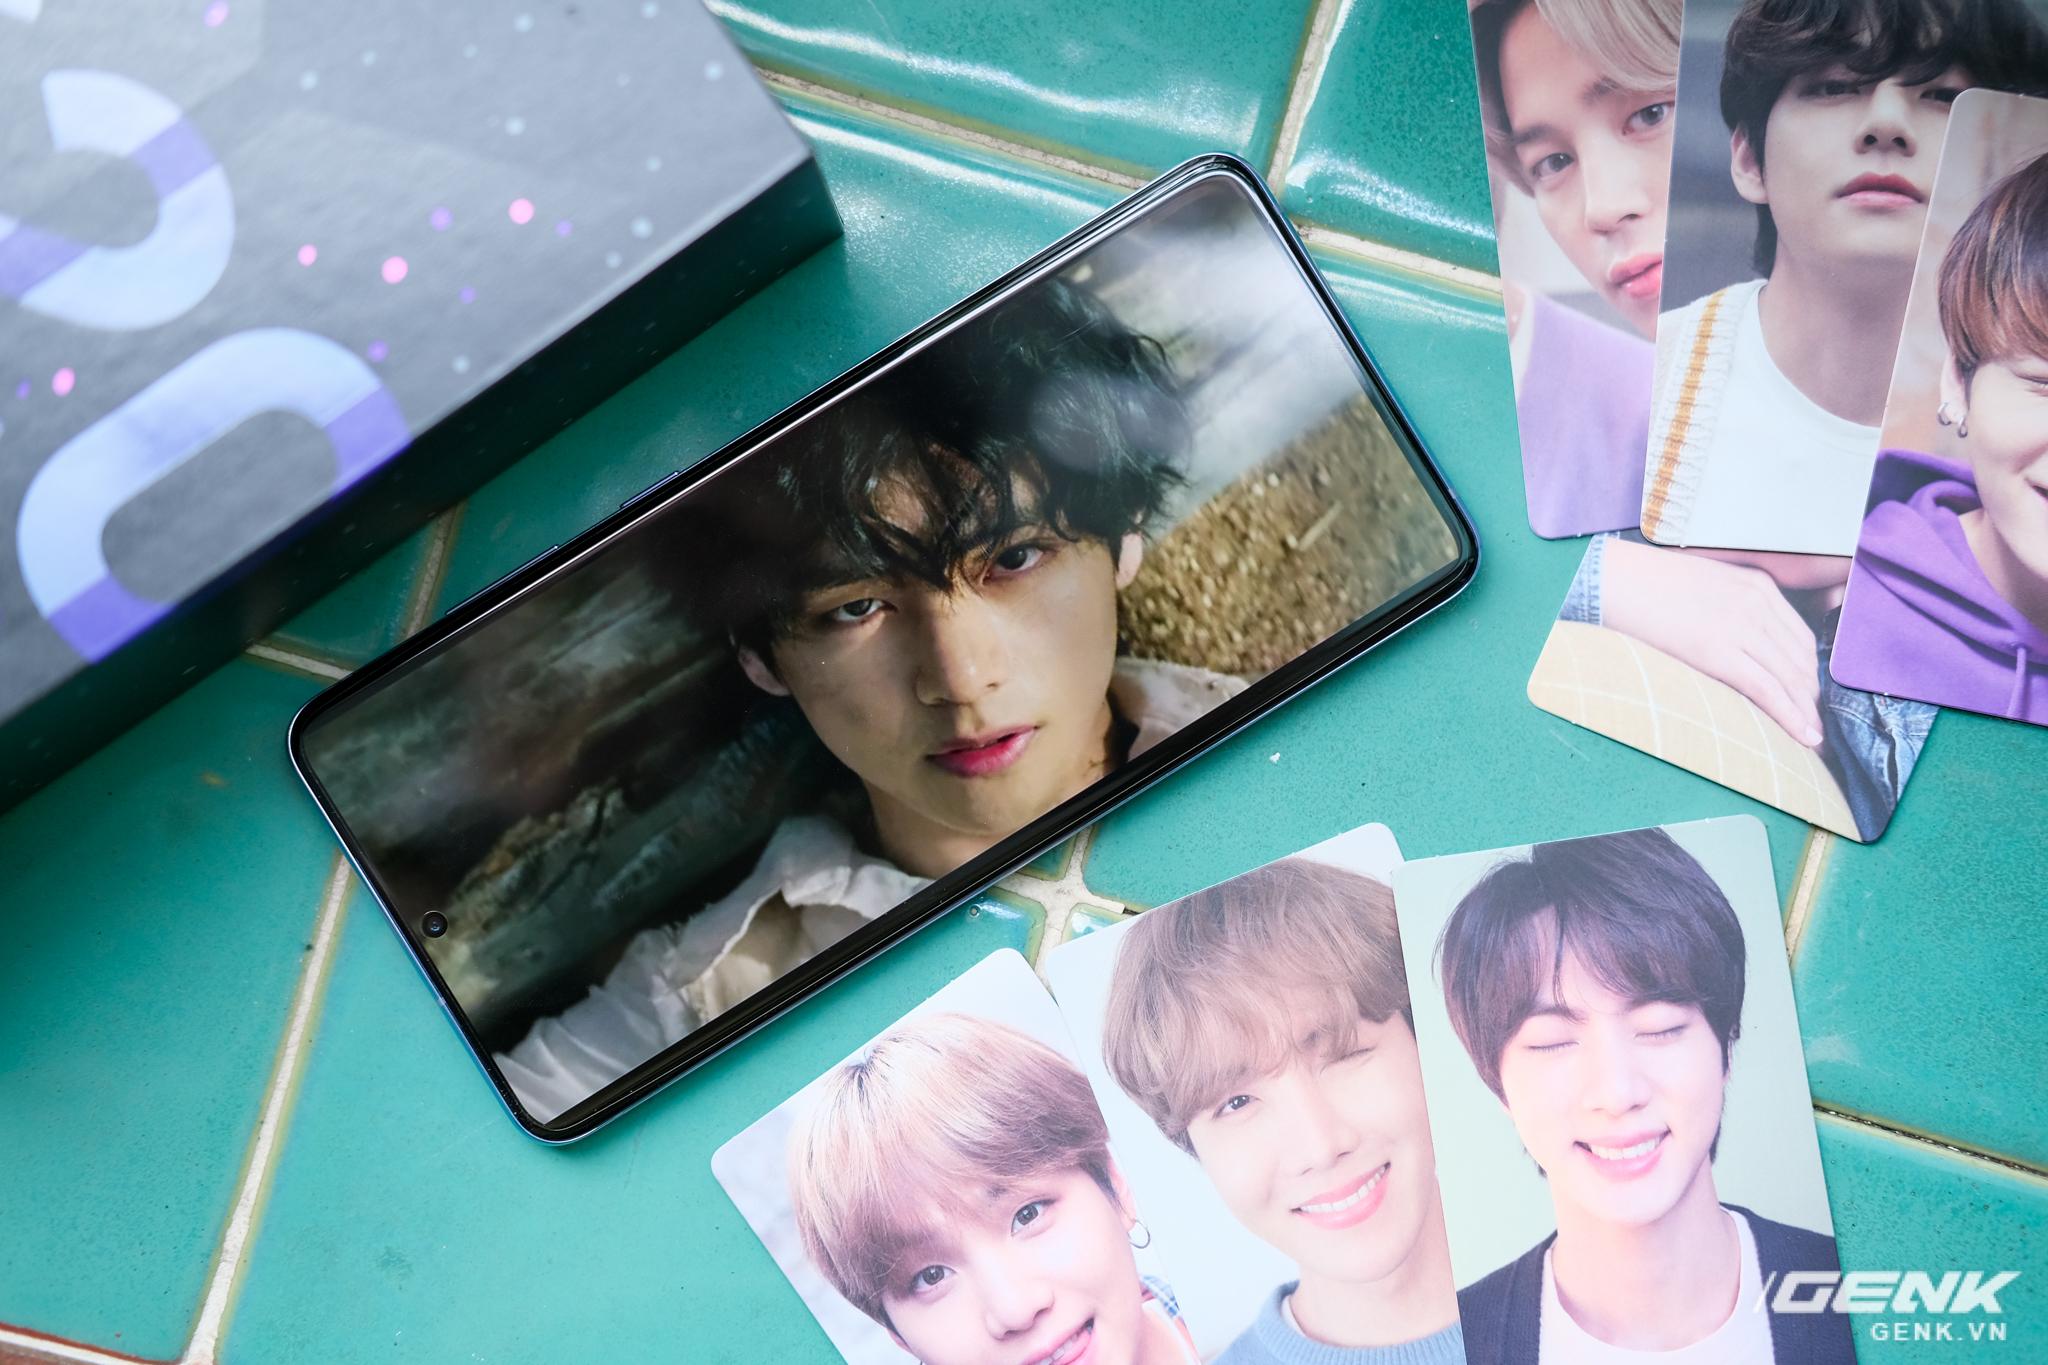 Mở hộp Galaxy S20+ phiên bản BTS: Màu tím hồng dễ thương, nhiều quà kèm theo dành riêng cho các fan A.R.M.Y - Ảnh 15.